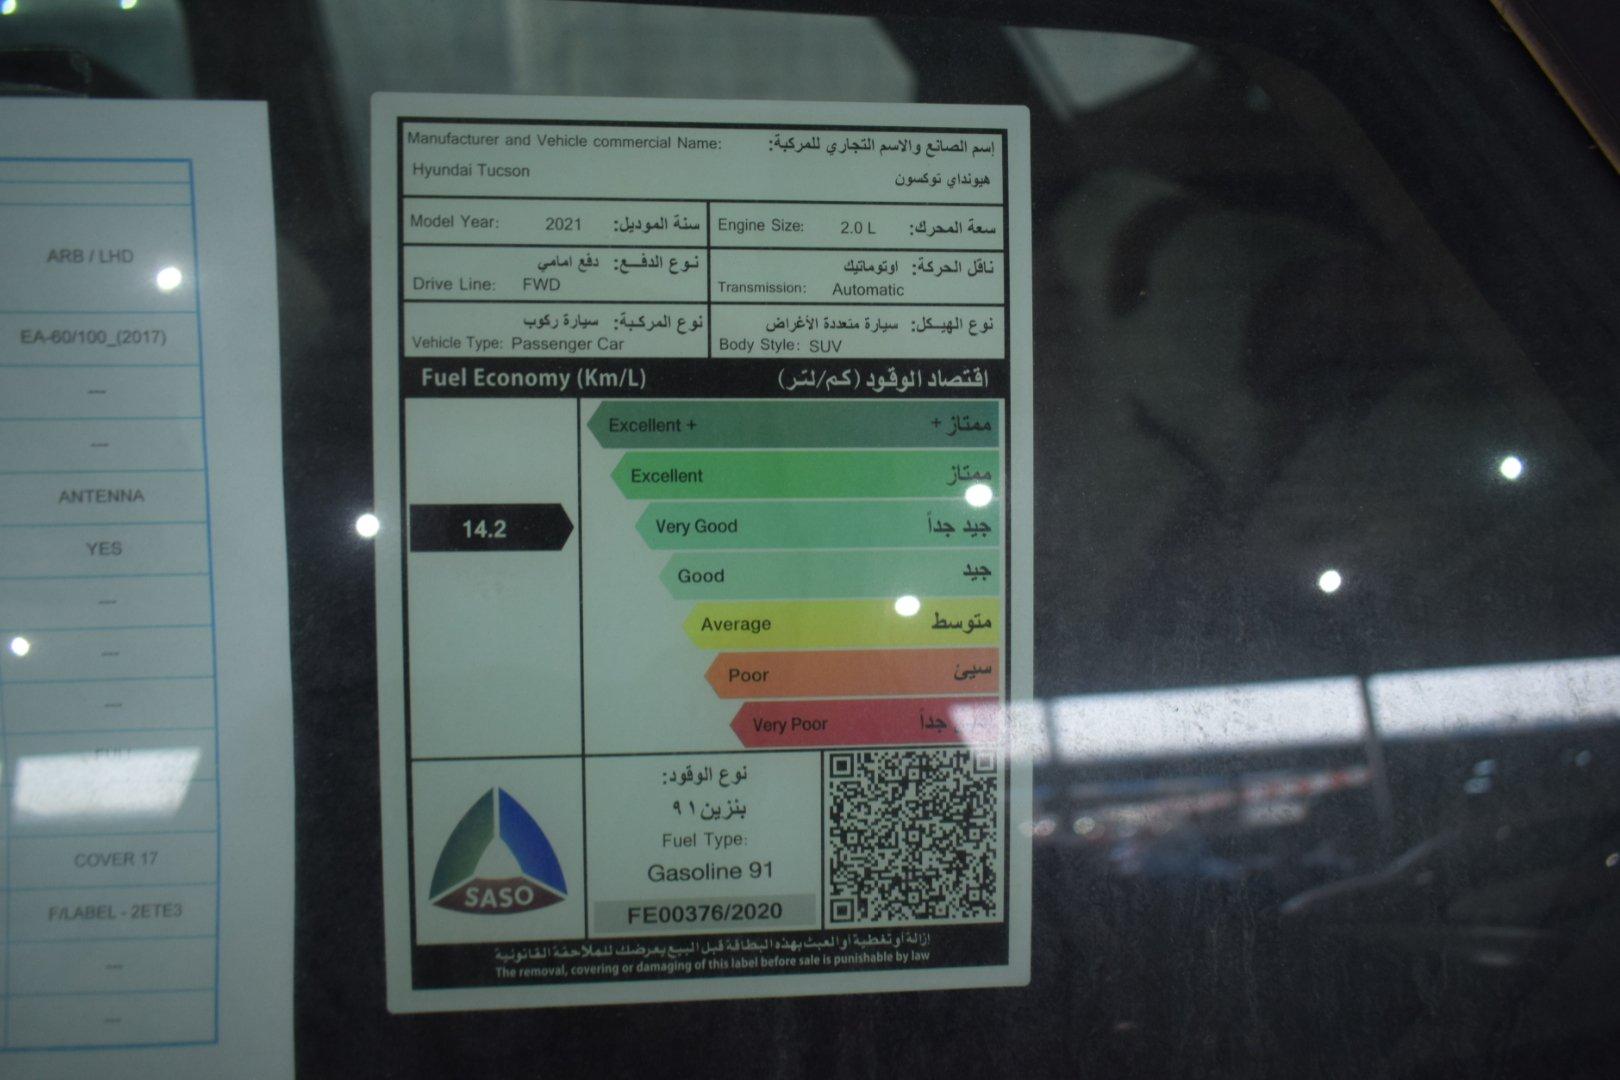 هونداي توسان Smart 2021 ستاندر سعودي للبيع في جدة - السعودية - صورة كبيرة - 7